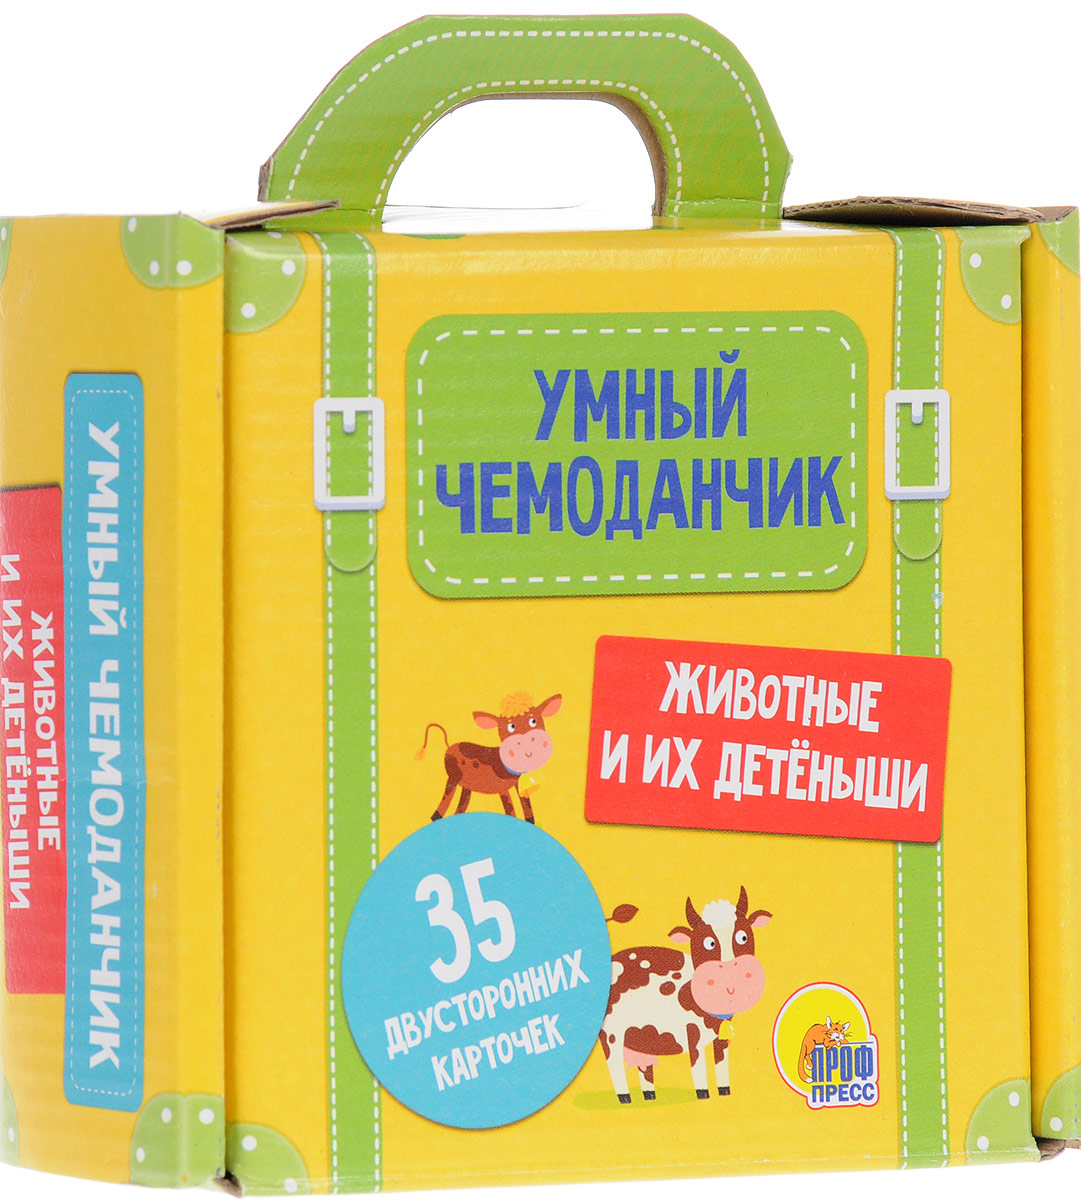 Проф-пресс Обучающие карточки Умный чемоданчик Животные и их детеныши василевская а худ животные и их детеныши